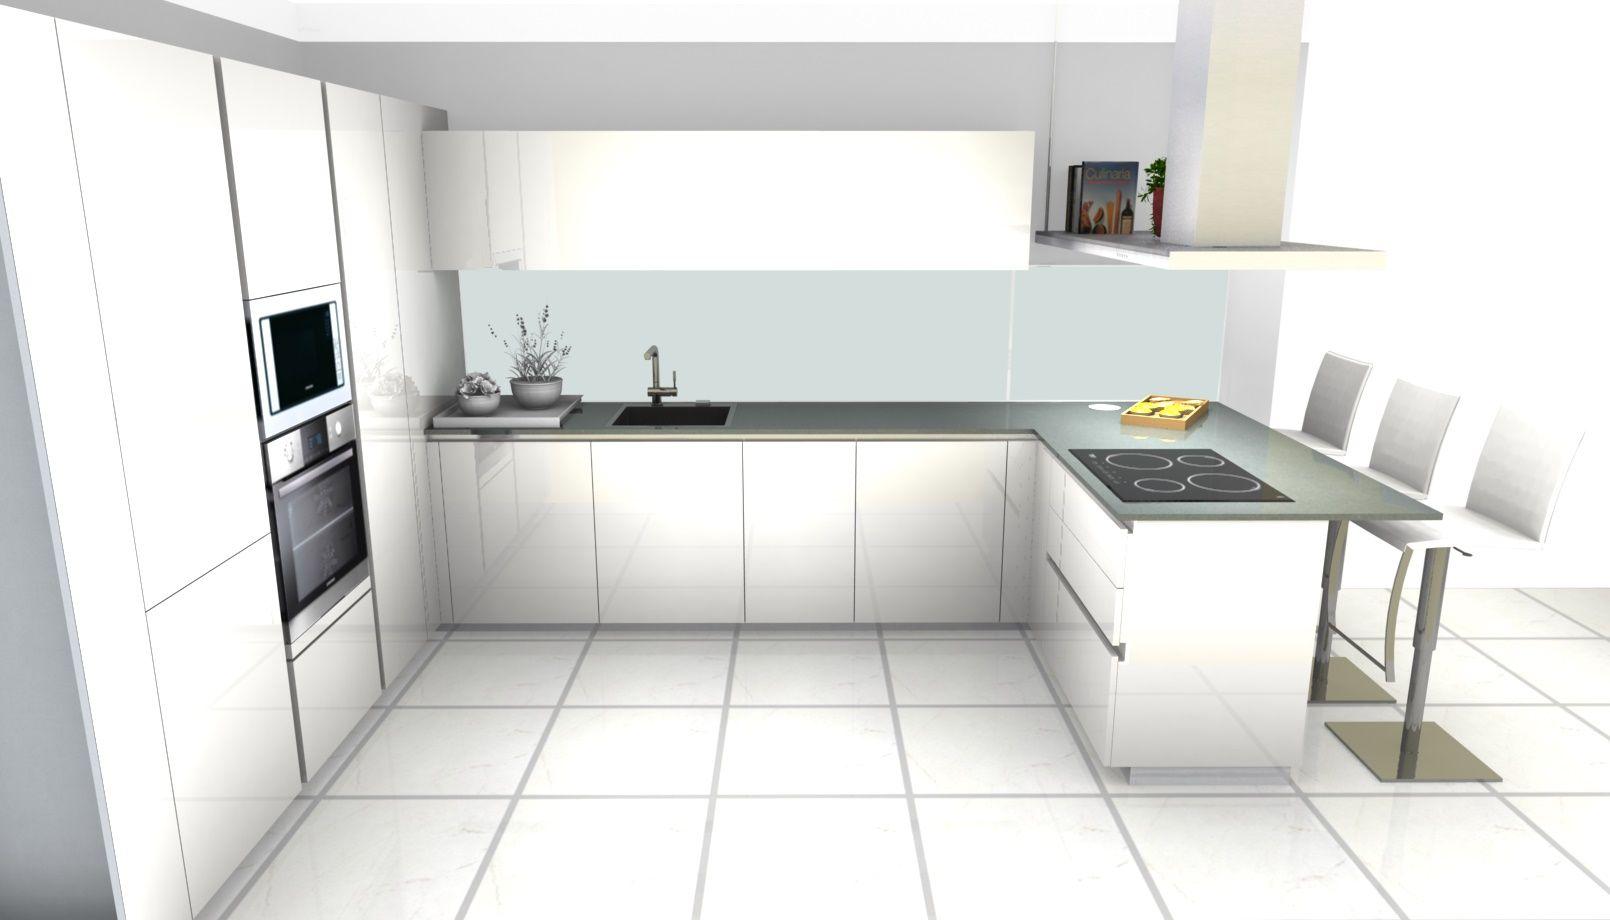 Progetto cucina ernestomeda one laccato lucido white moon - Progetto cucina angolare ...